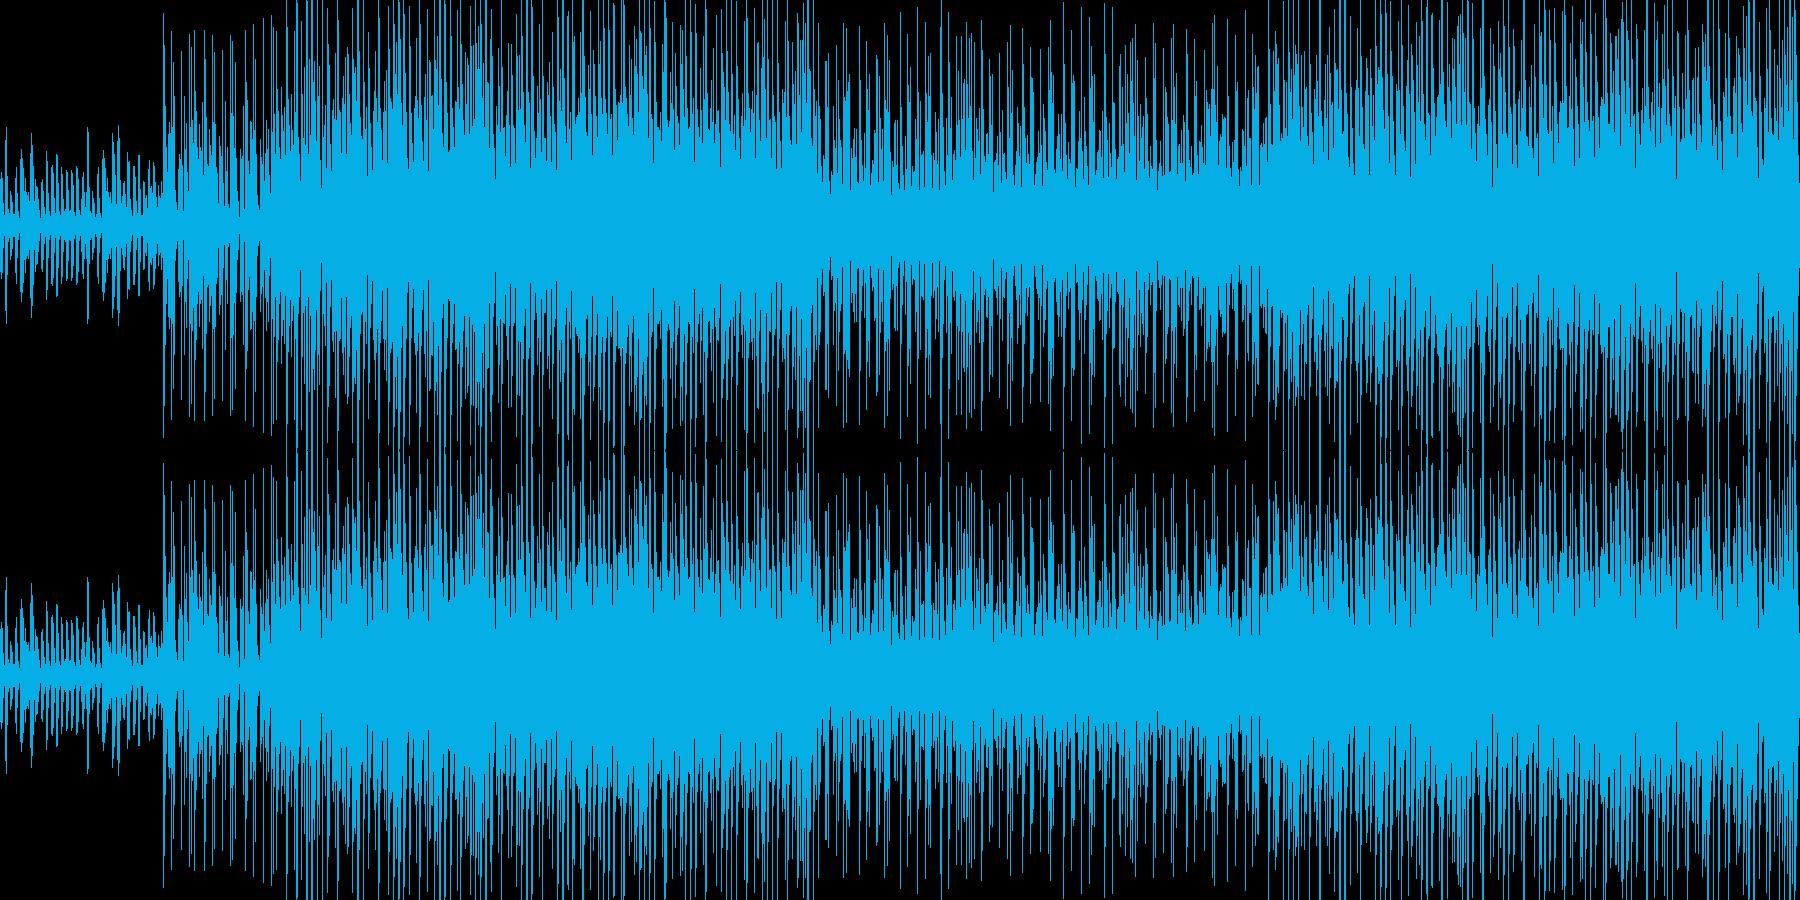 かわいくて元気でテンポ良がい曲;ループの再生済みの波形